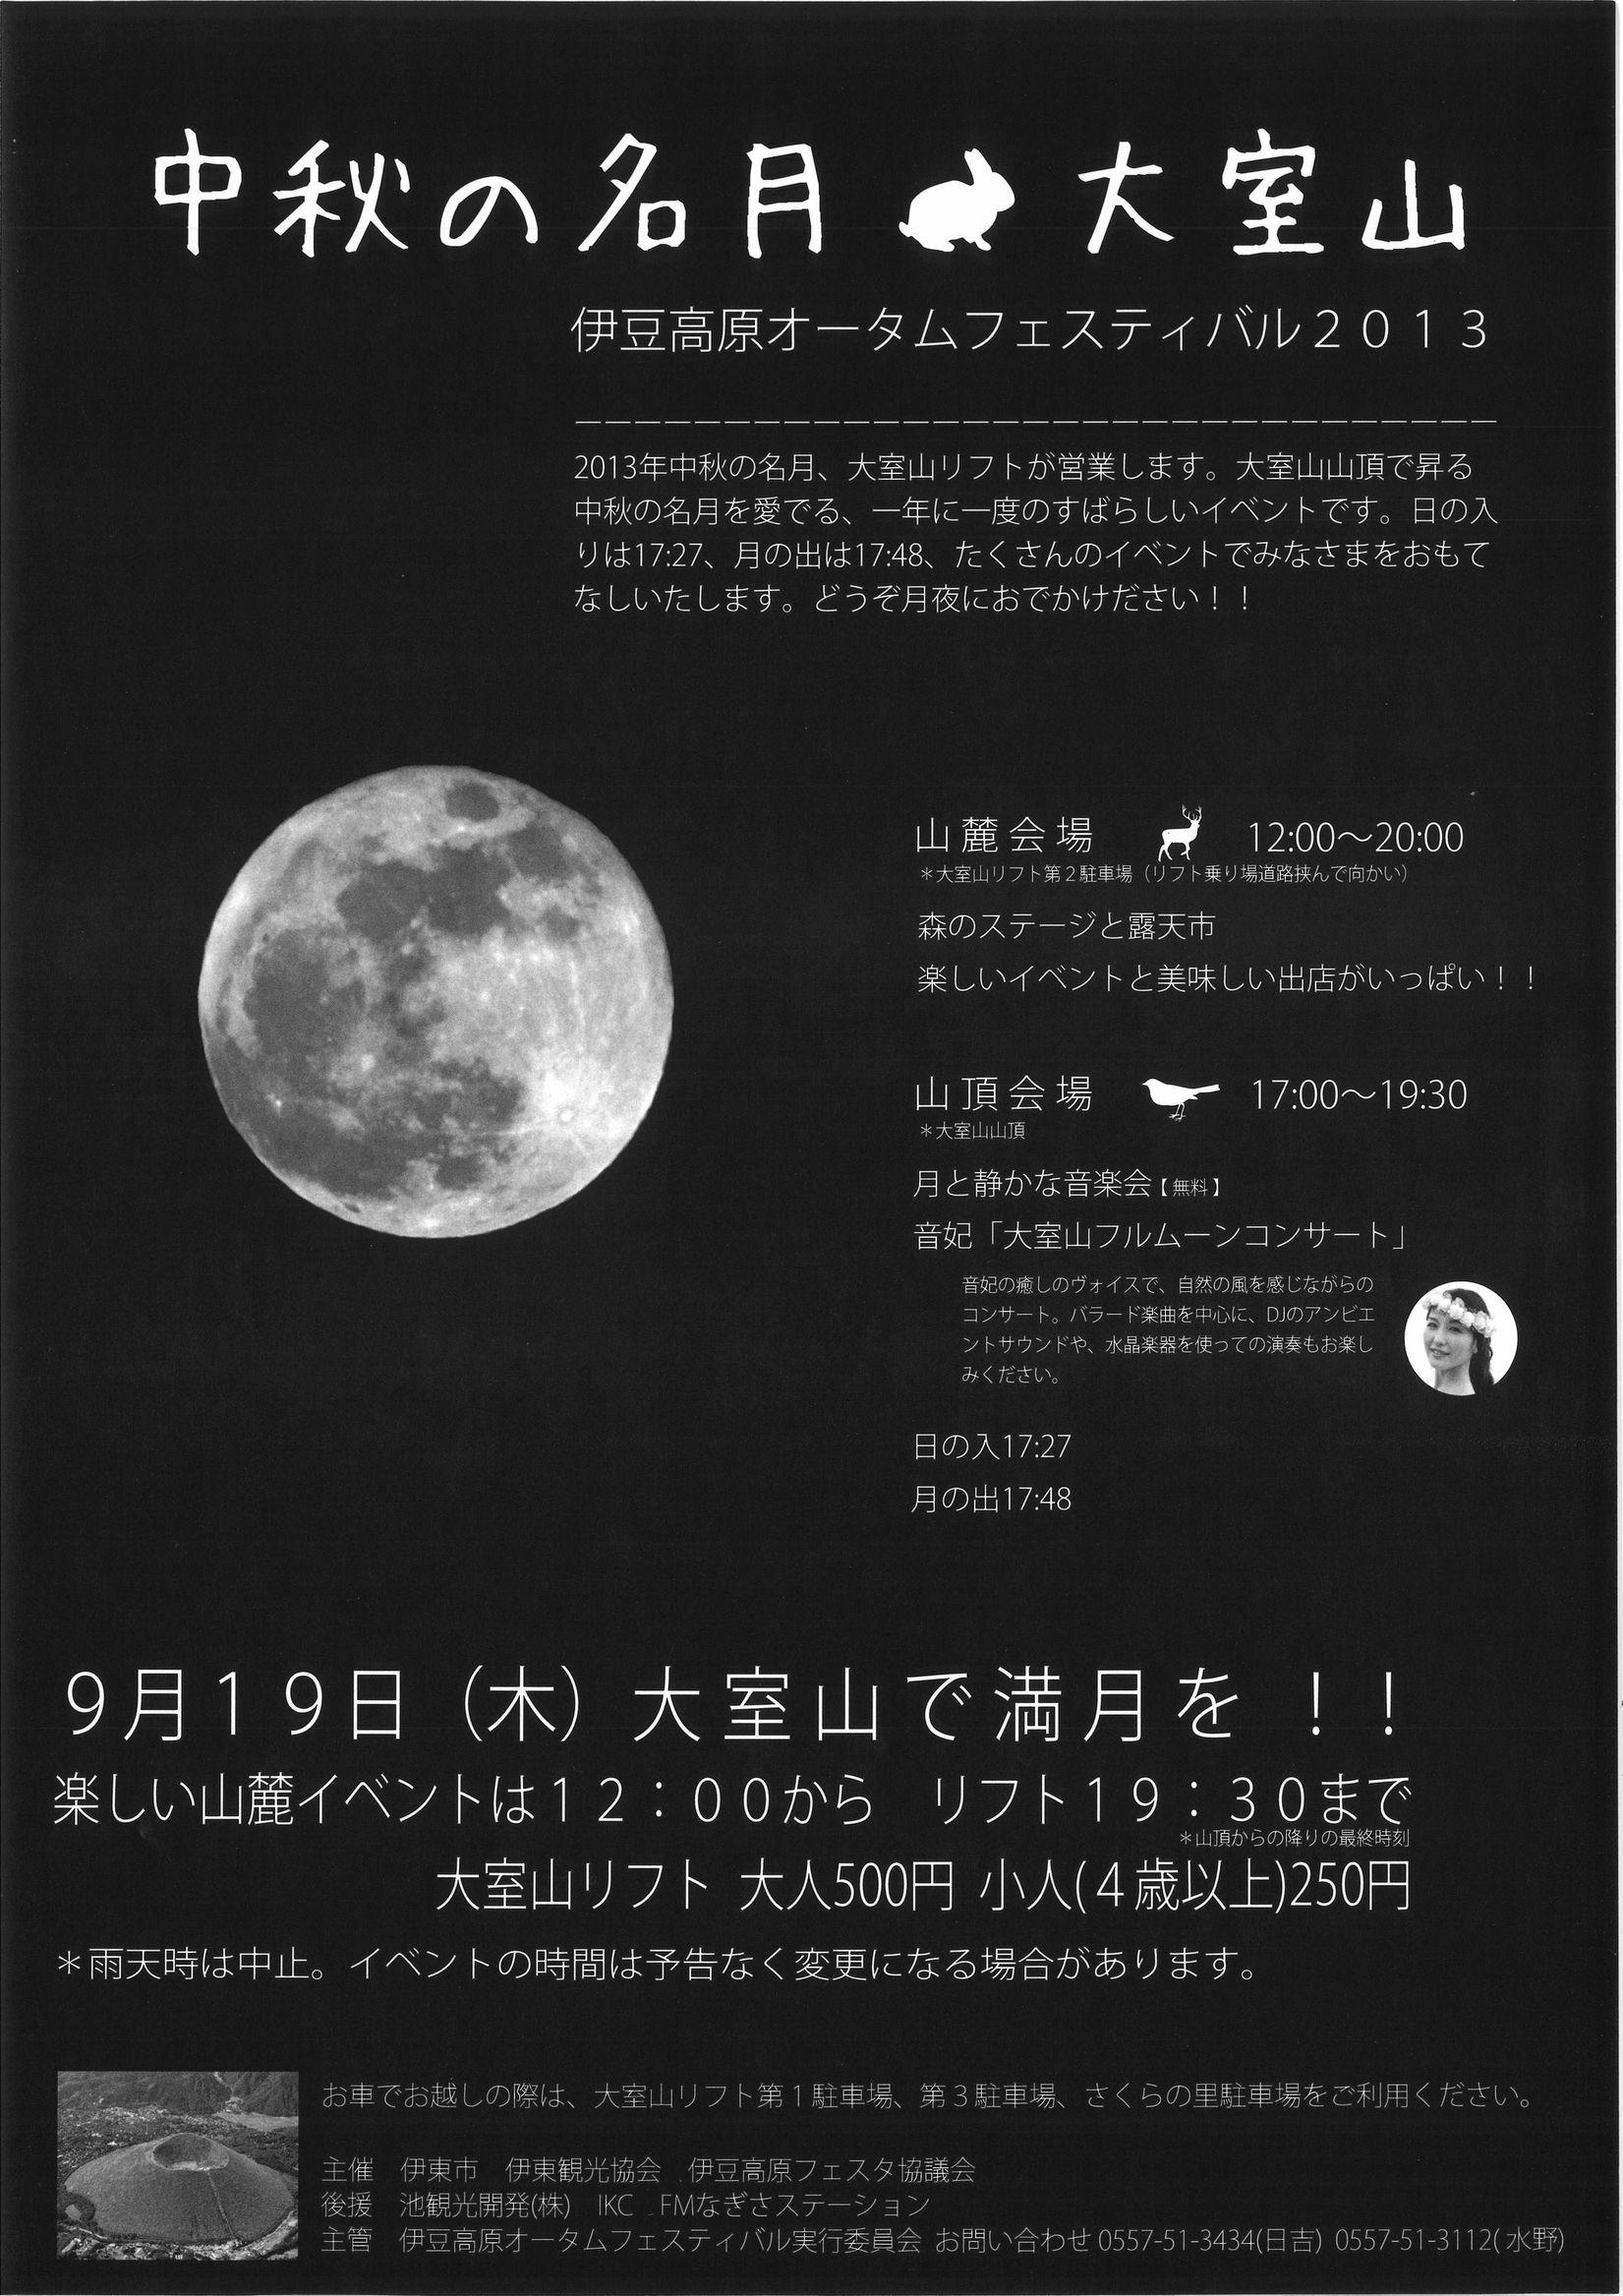 中秋の名月チラシ